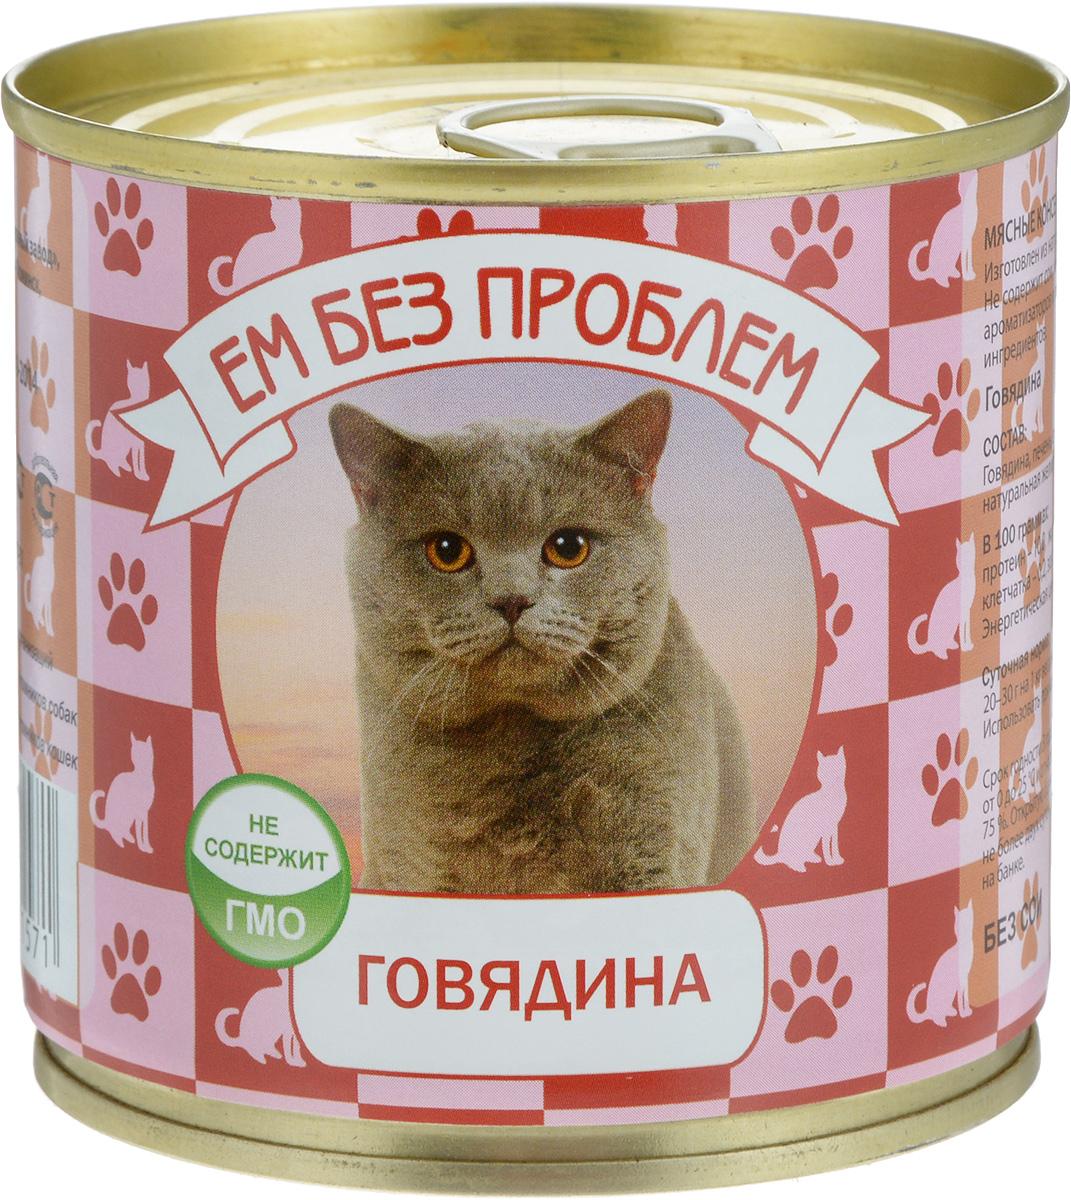 Консервы для кошек Ем без проблем, говядина, 250 г0120710Мясные консервы для кошек Ем без проблем изготовлены из натурального российского мяса. Не содержат сои, консервантов, красителей, ароматизаторов и генномодифицированных ингредиентов. Корм полностью удовлетворяет ежедневные энергетические потребности животного и обеспечивает оптимальное функционирование пищеварительной системы. Консервы Ем без проблем рекомендуется смешивать с кашами и овощами.Товар сертифицирован.